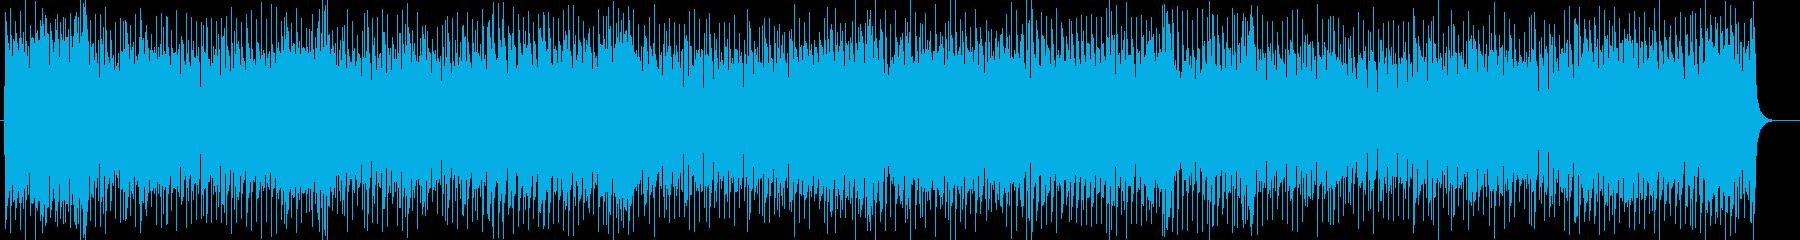 激しく勢いあるリズムによるハードロックの再生済みの波形